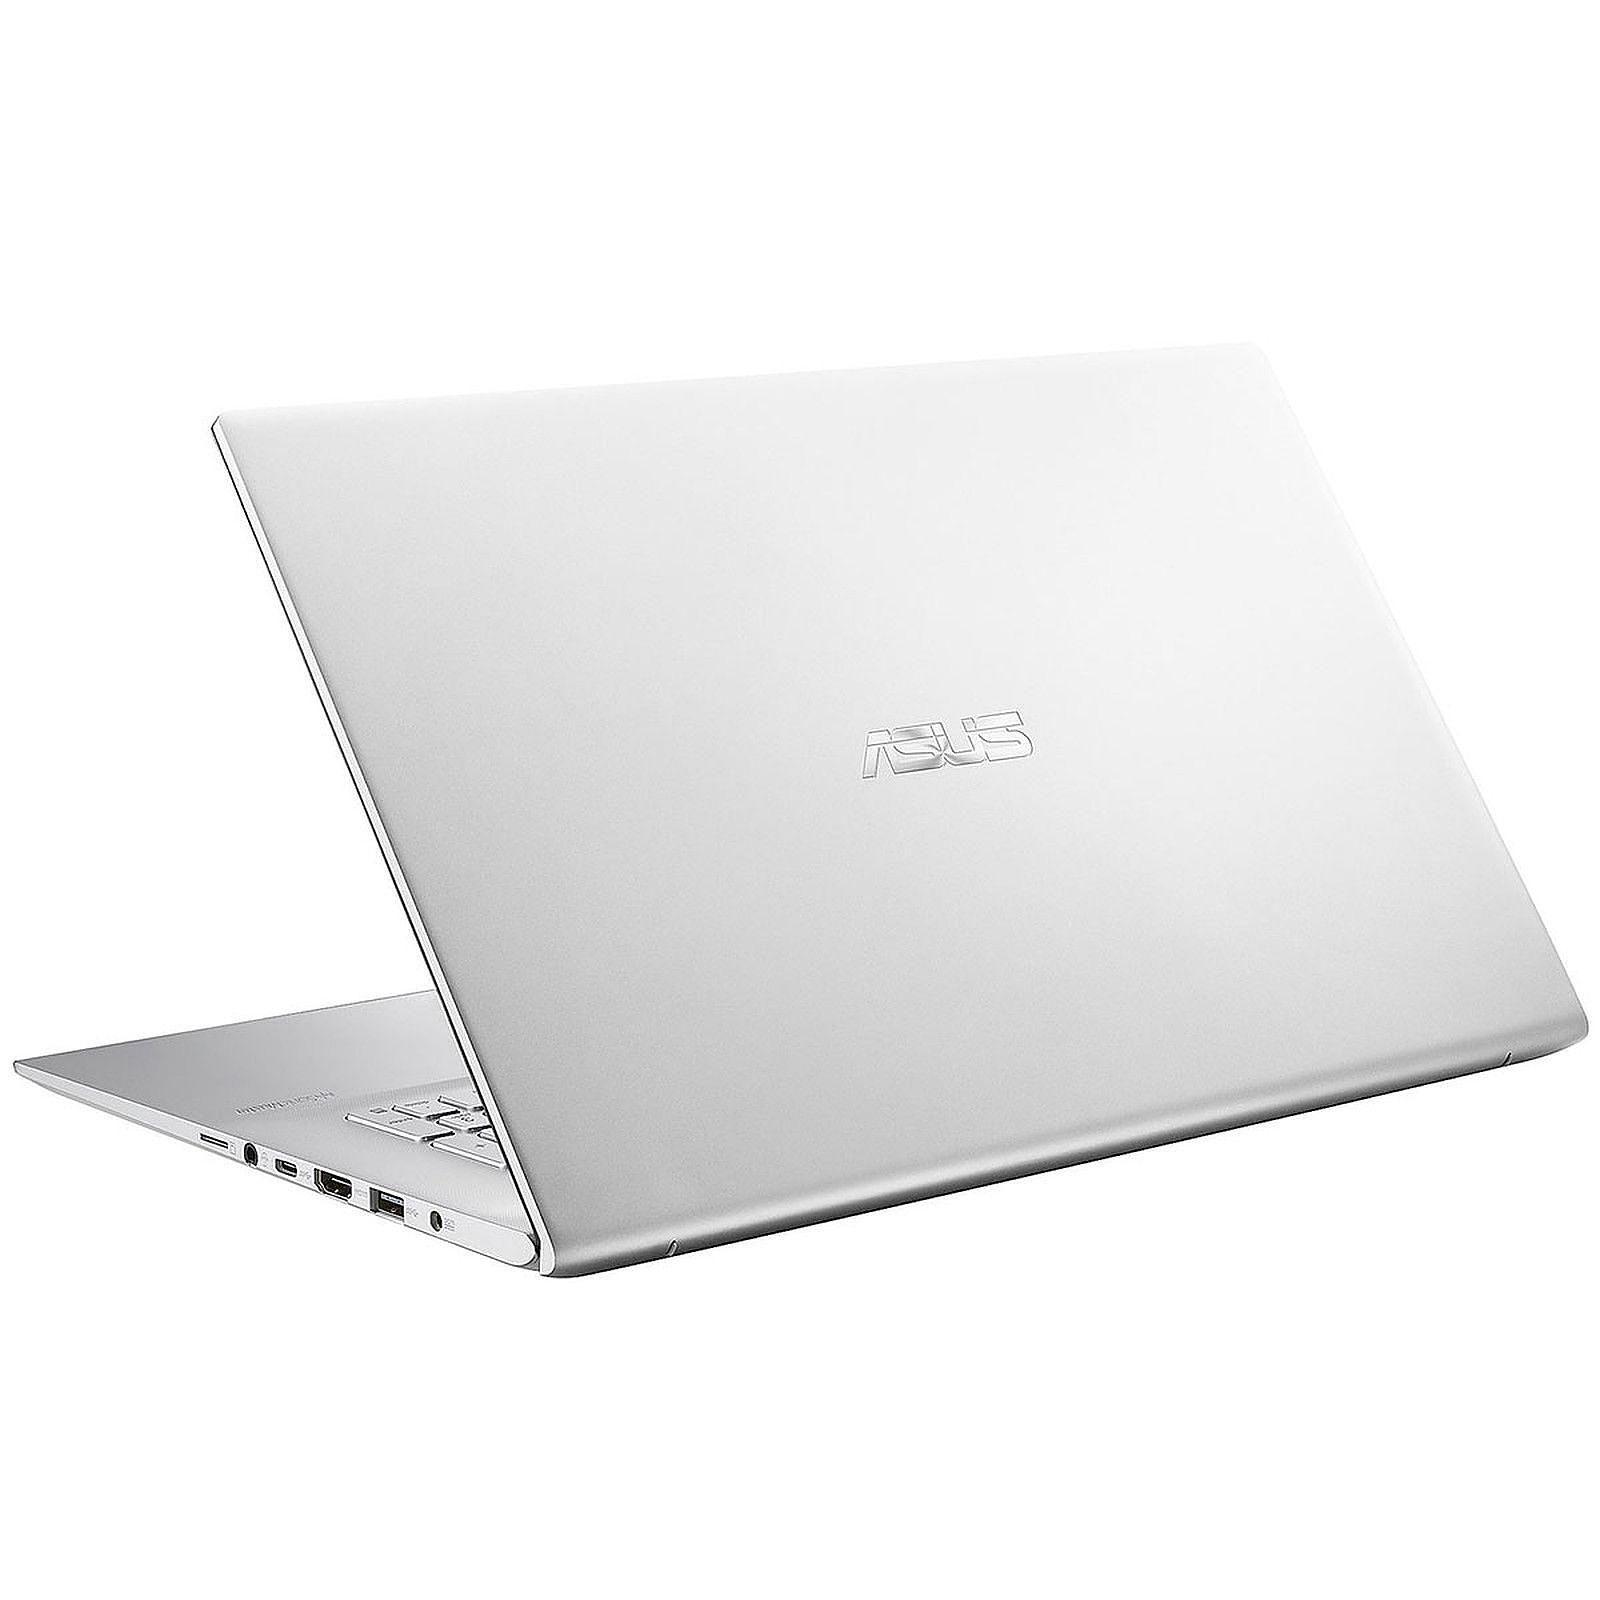 Asus 90NB0L41-M06130 - PC portable Asus - Cybertek.fr - 1